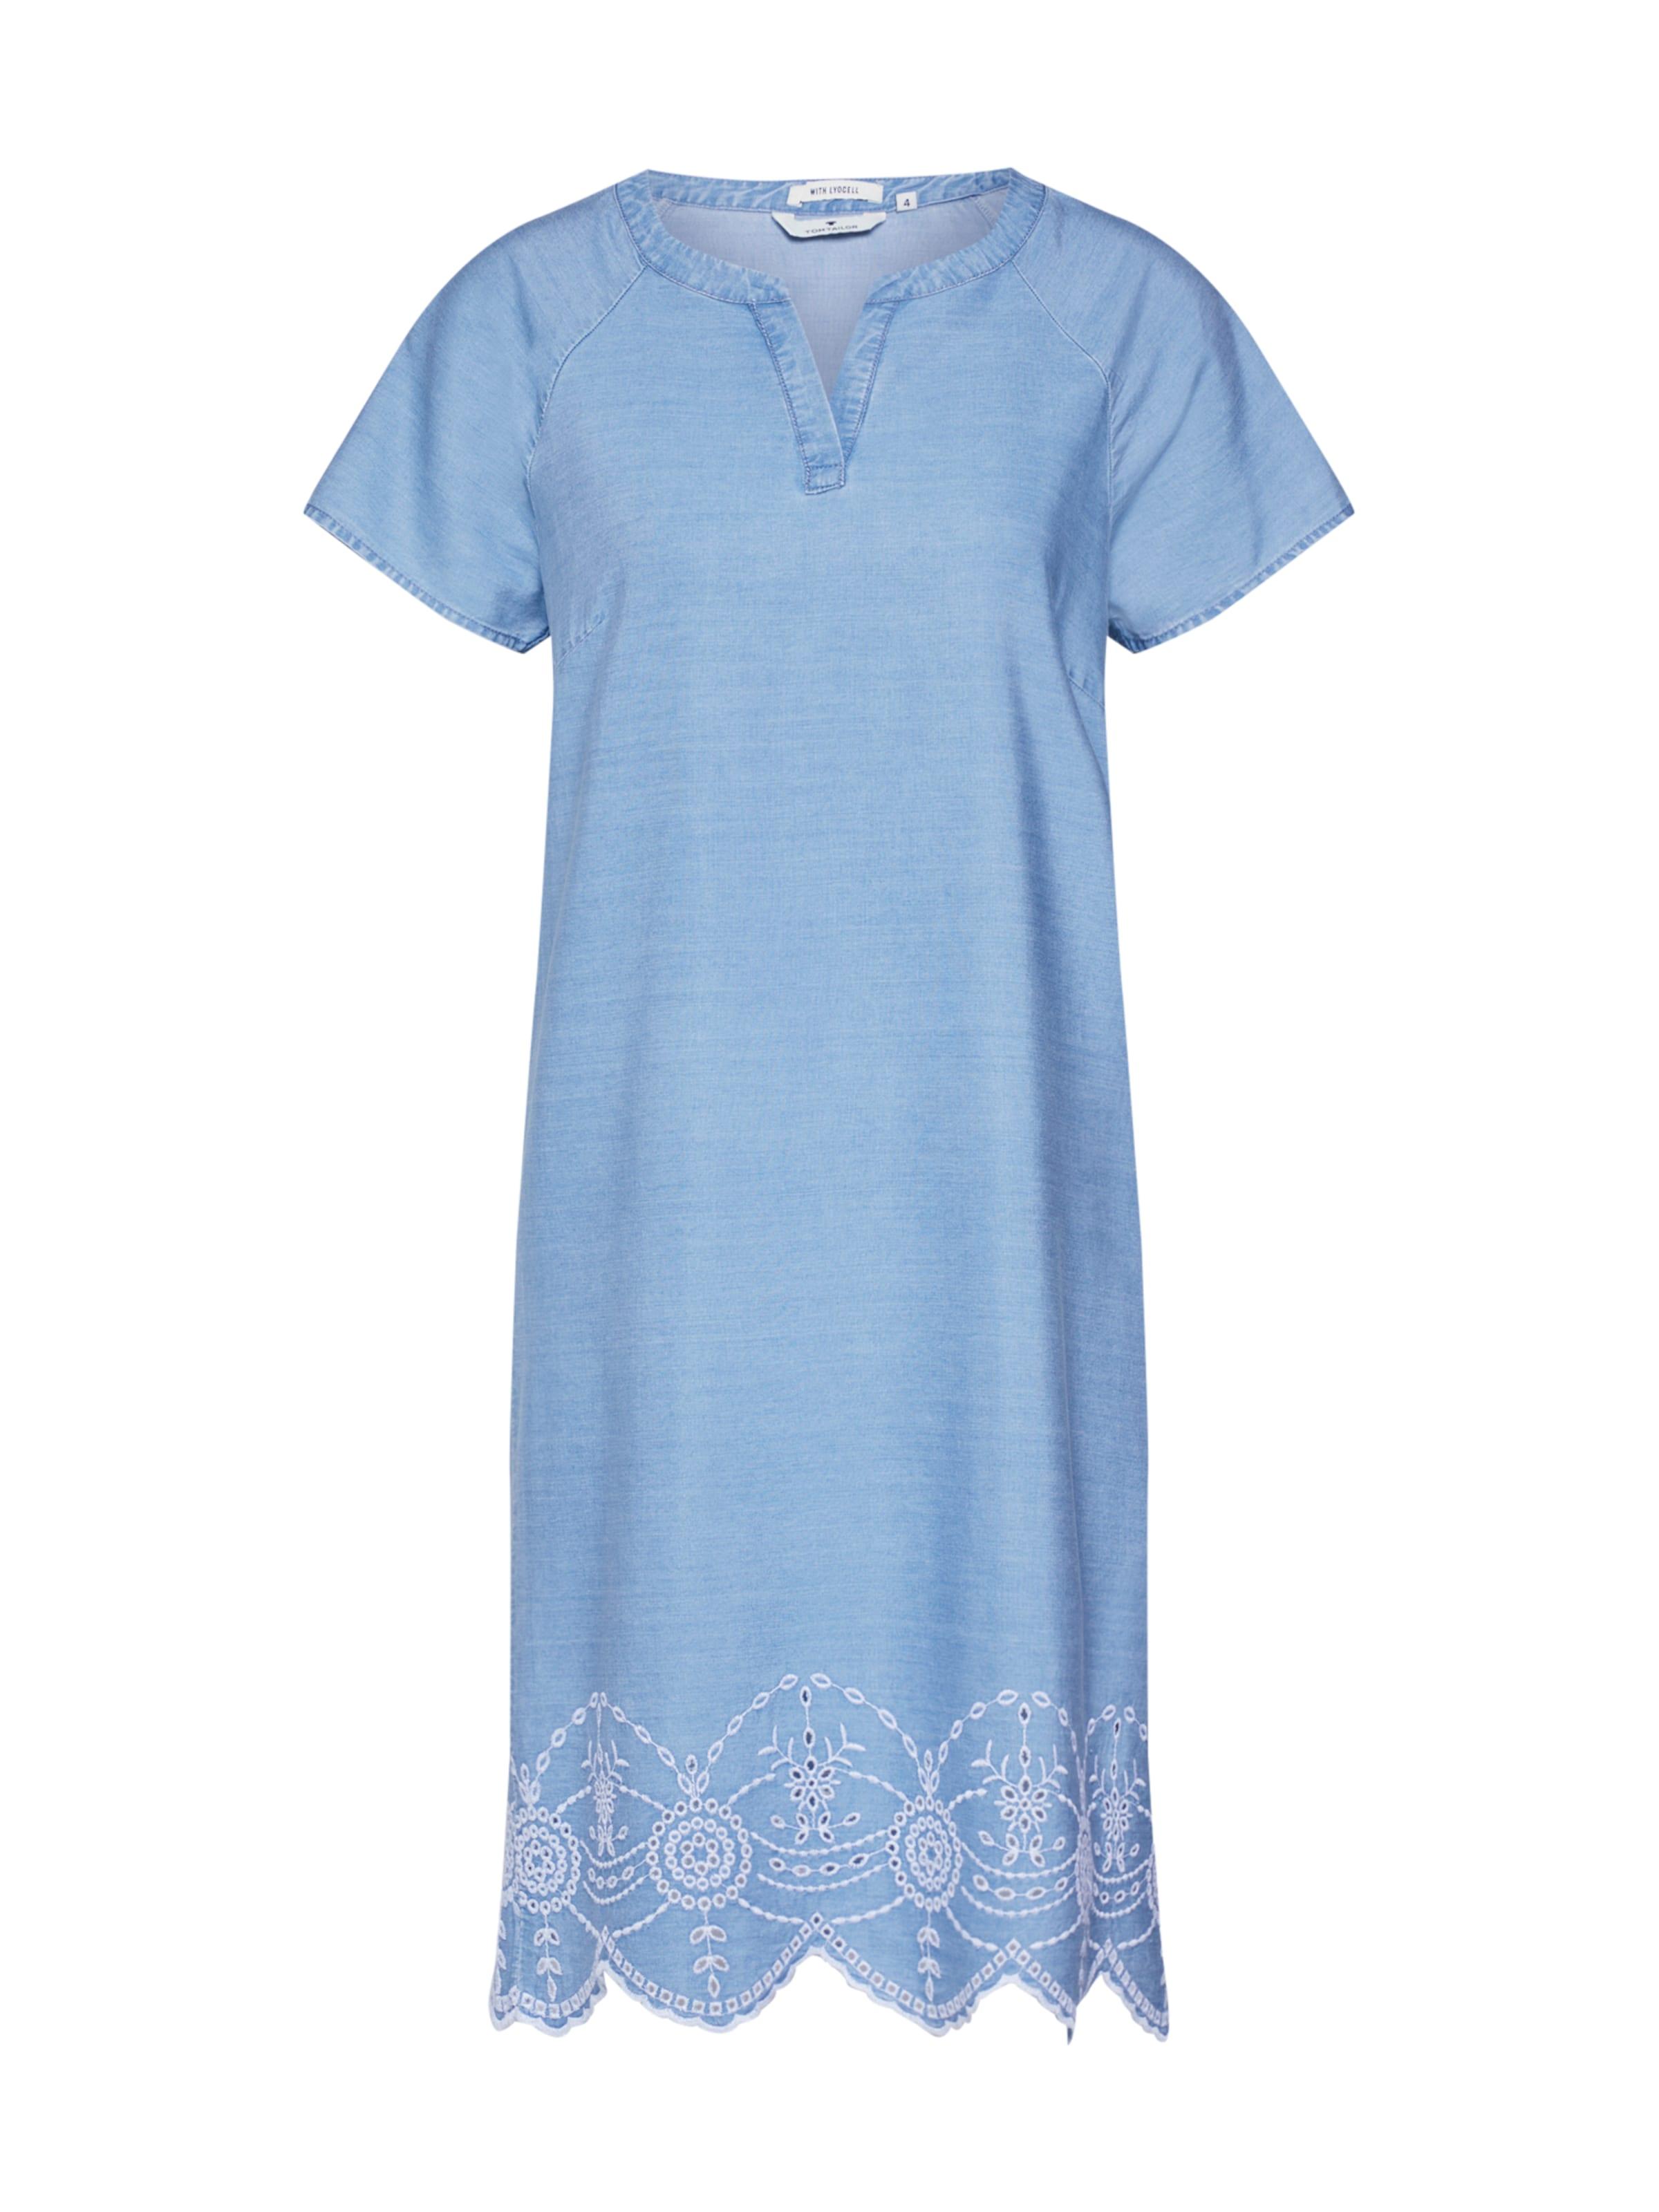 Bleu Robe En Denim Tom Tailor CdxeBo